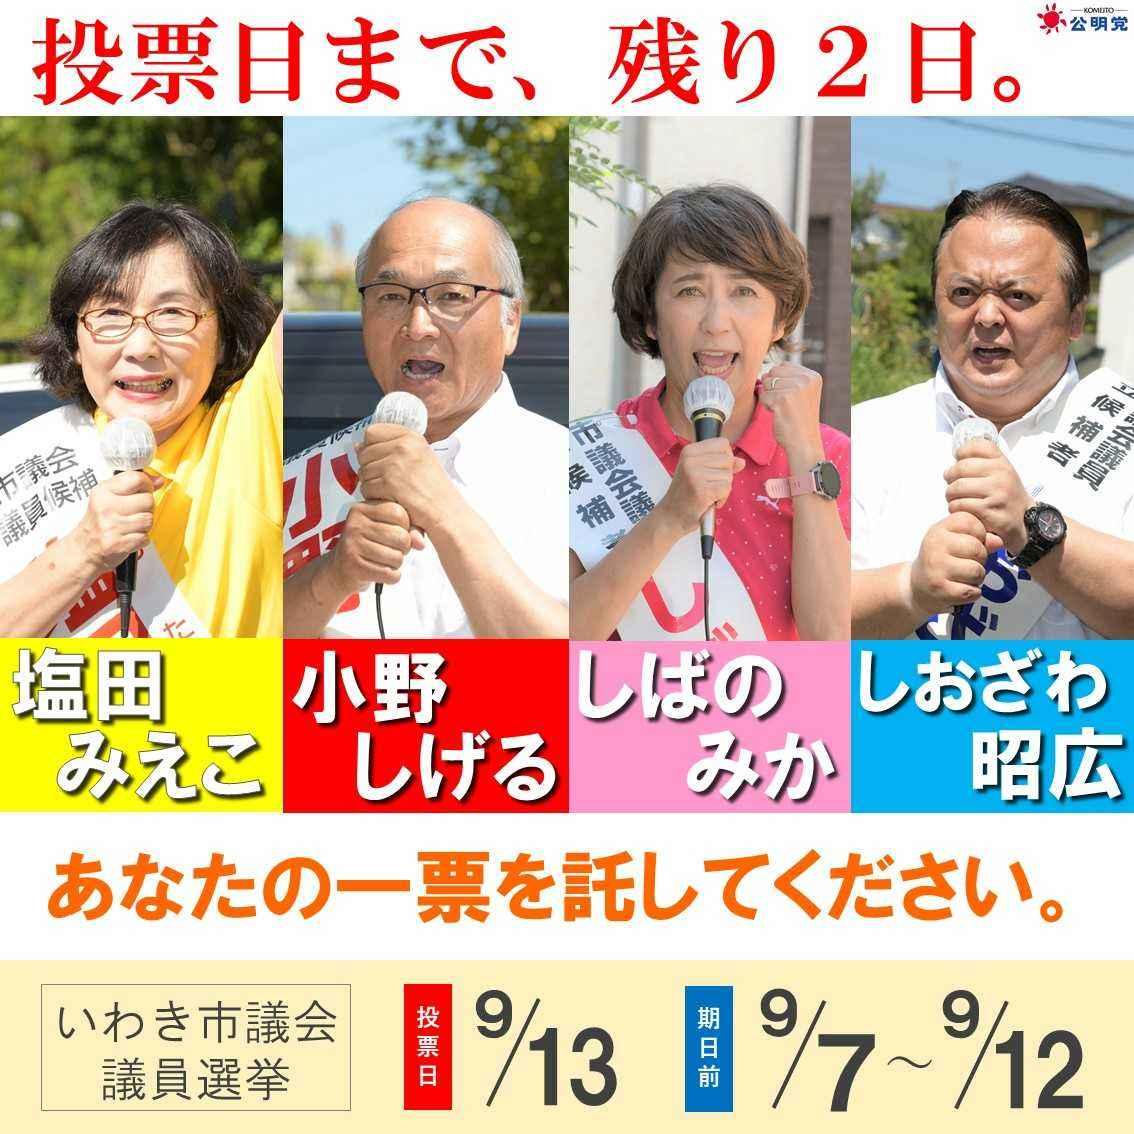 市議会 議員 2020 いわき 選挙